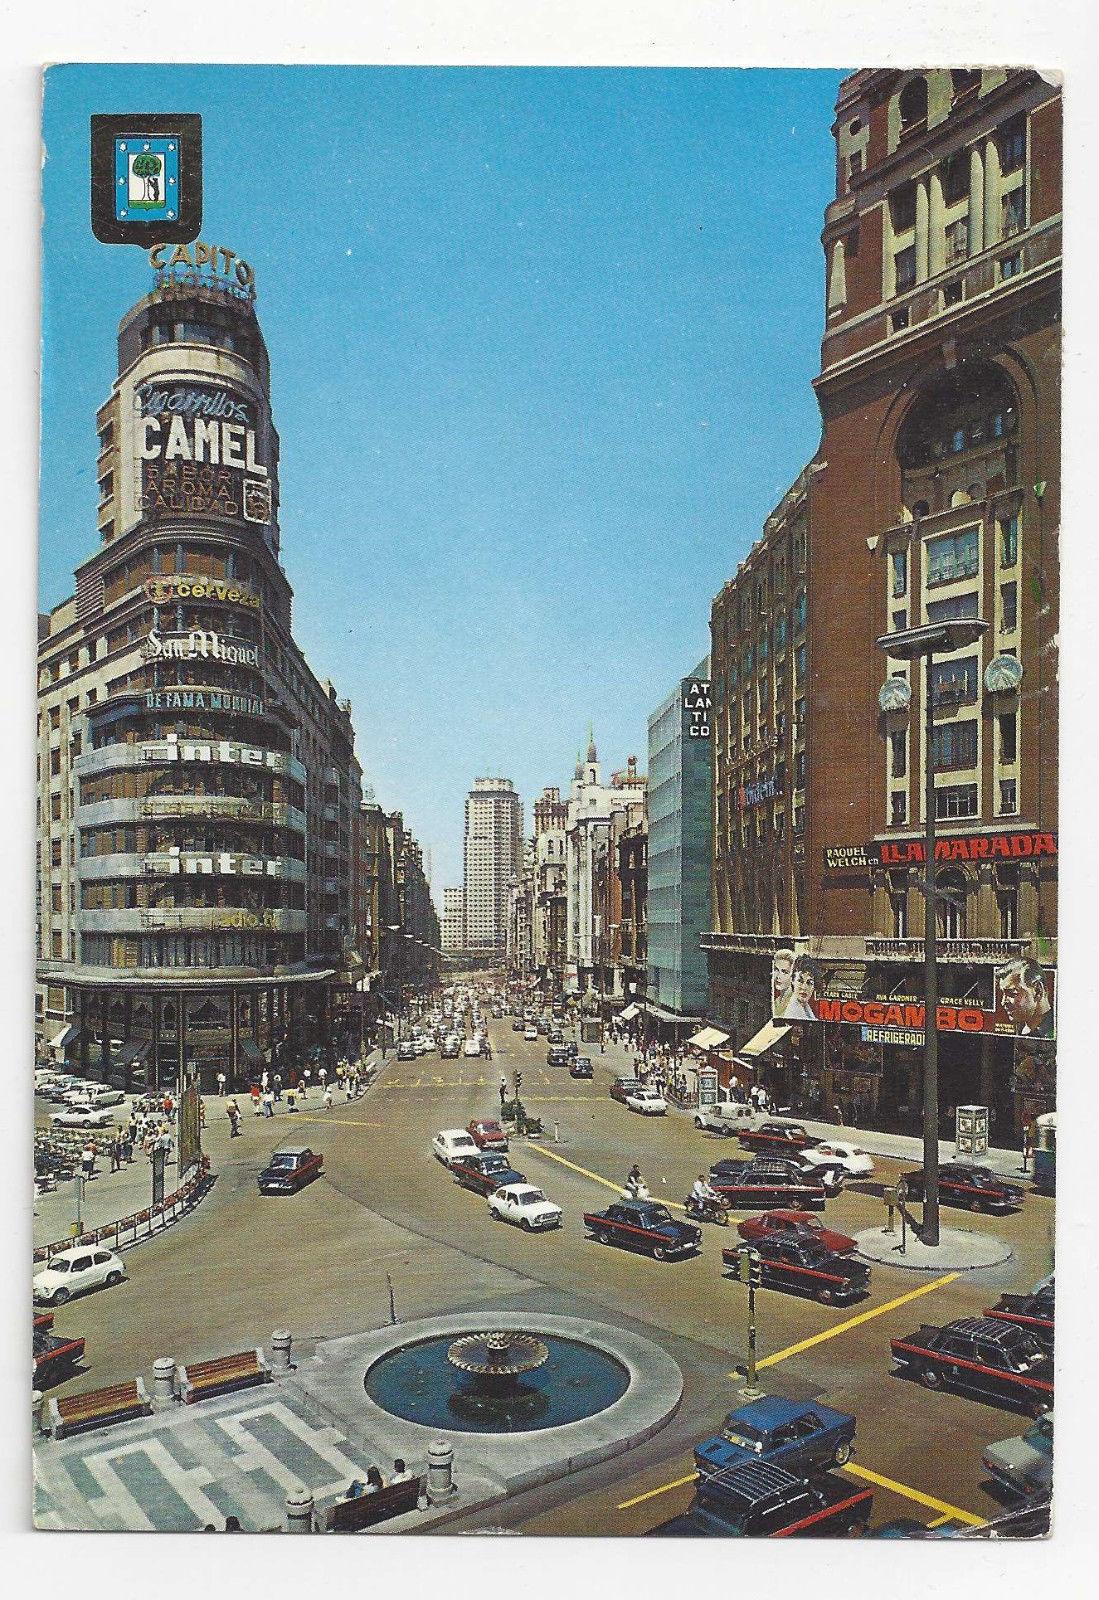 Camel Cigarette Ad Madrid Spain Callao Square Vtg Postcard 4X6 1960's